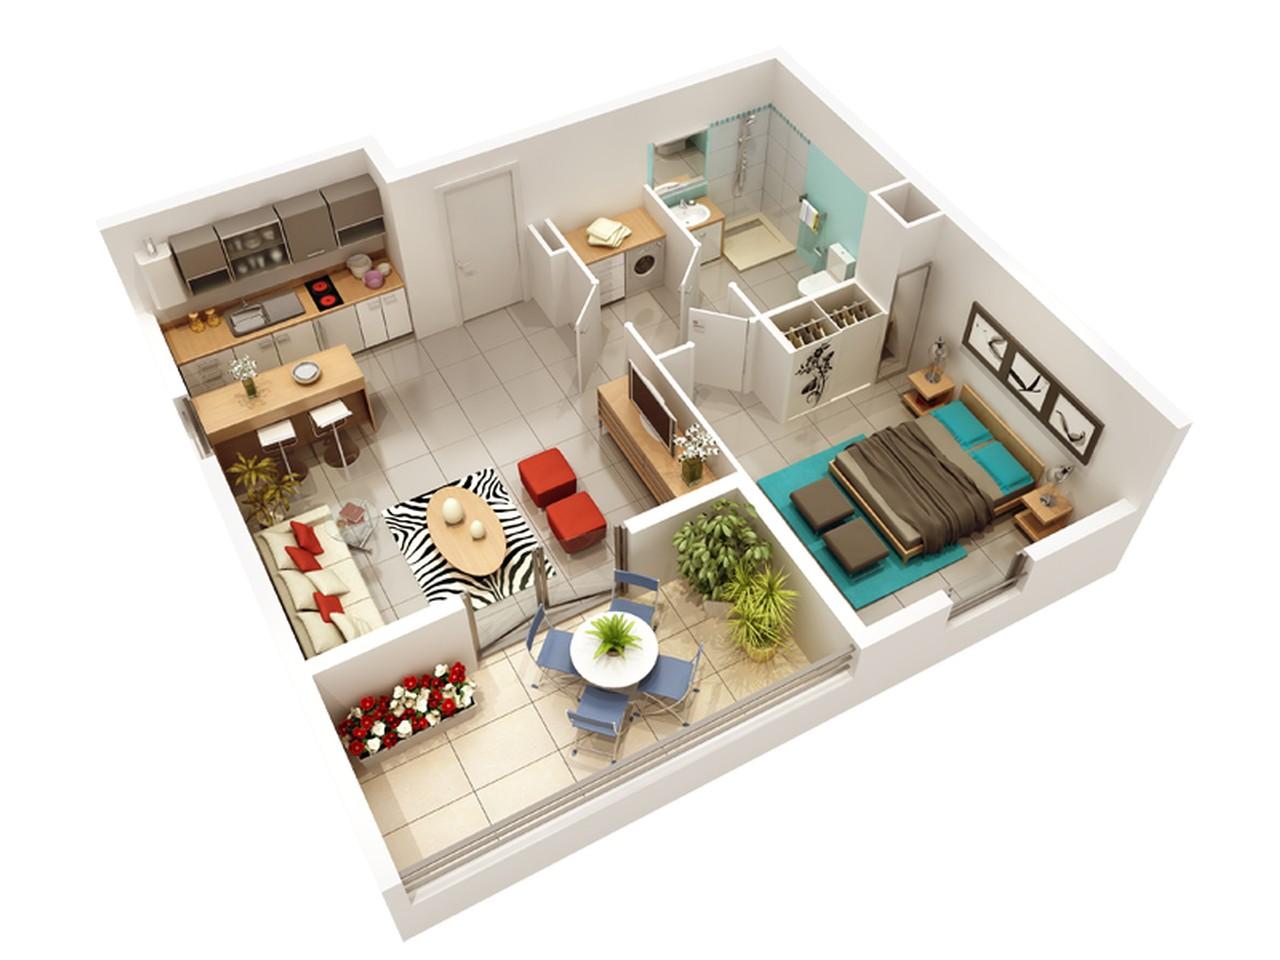 tout savoir sur un programme immobilier neuf sete. Black Bedroom Furniture Sets. Home Design Ideas